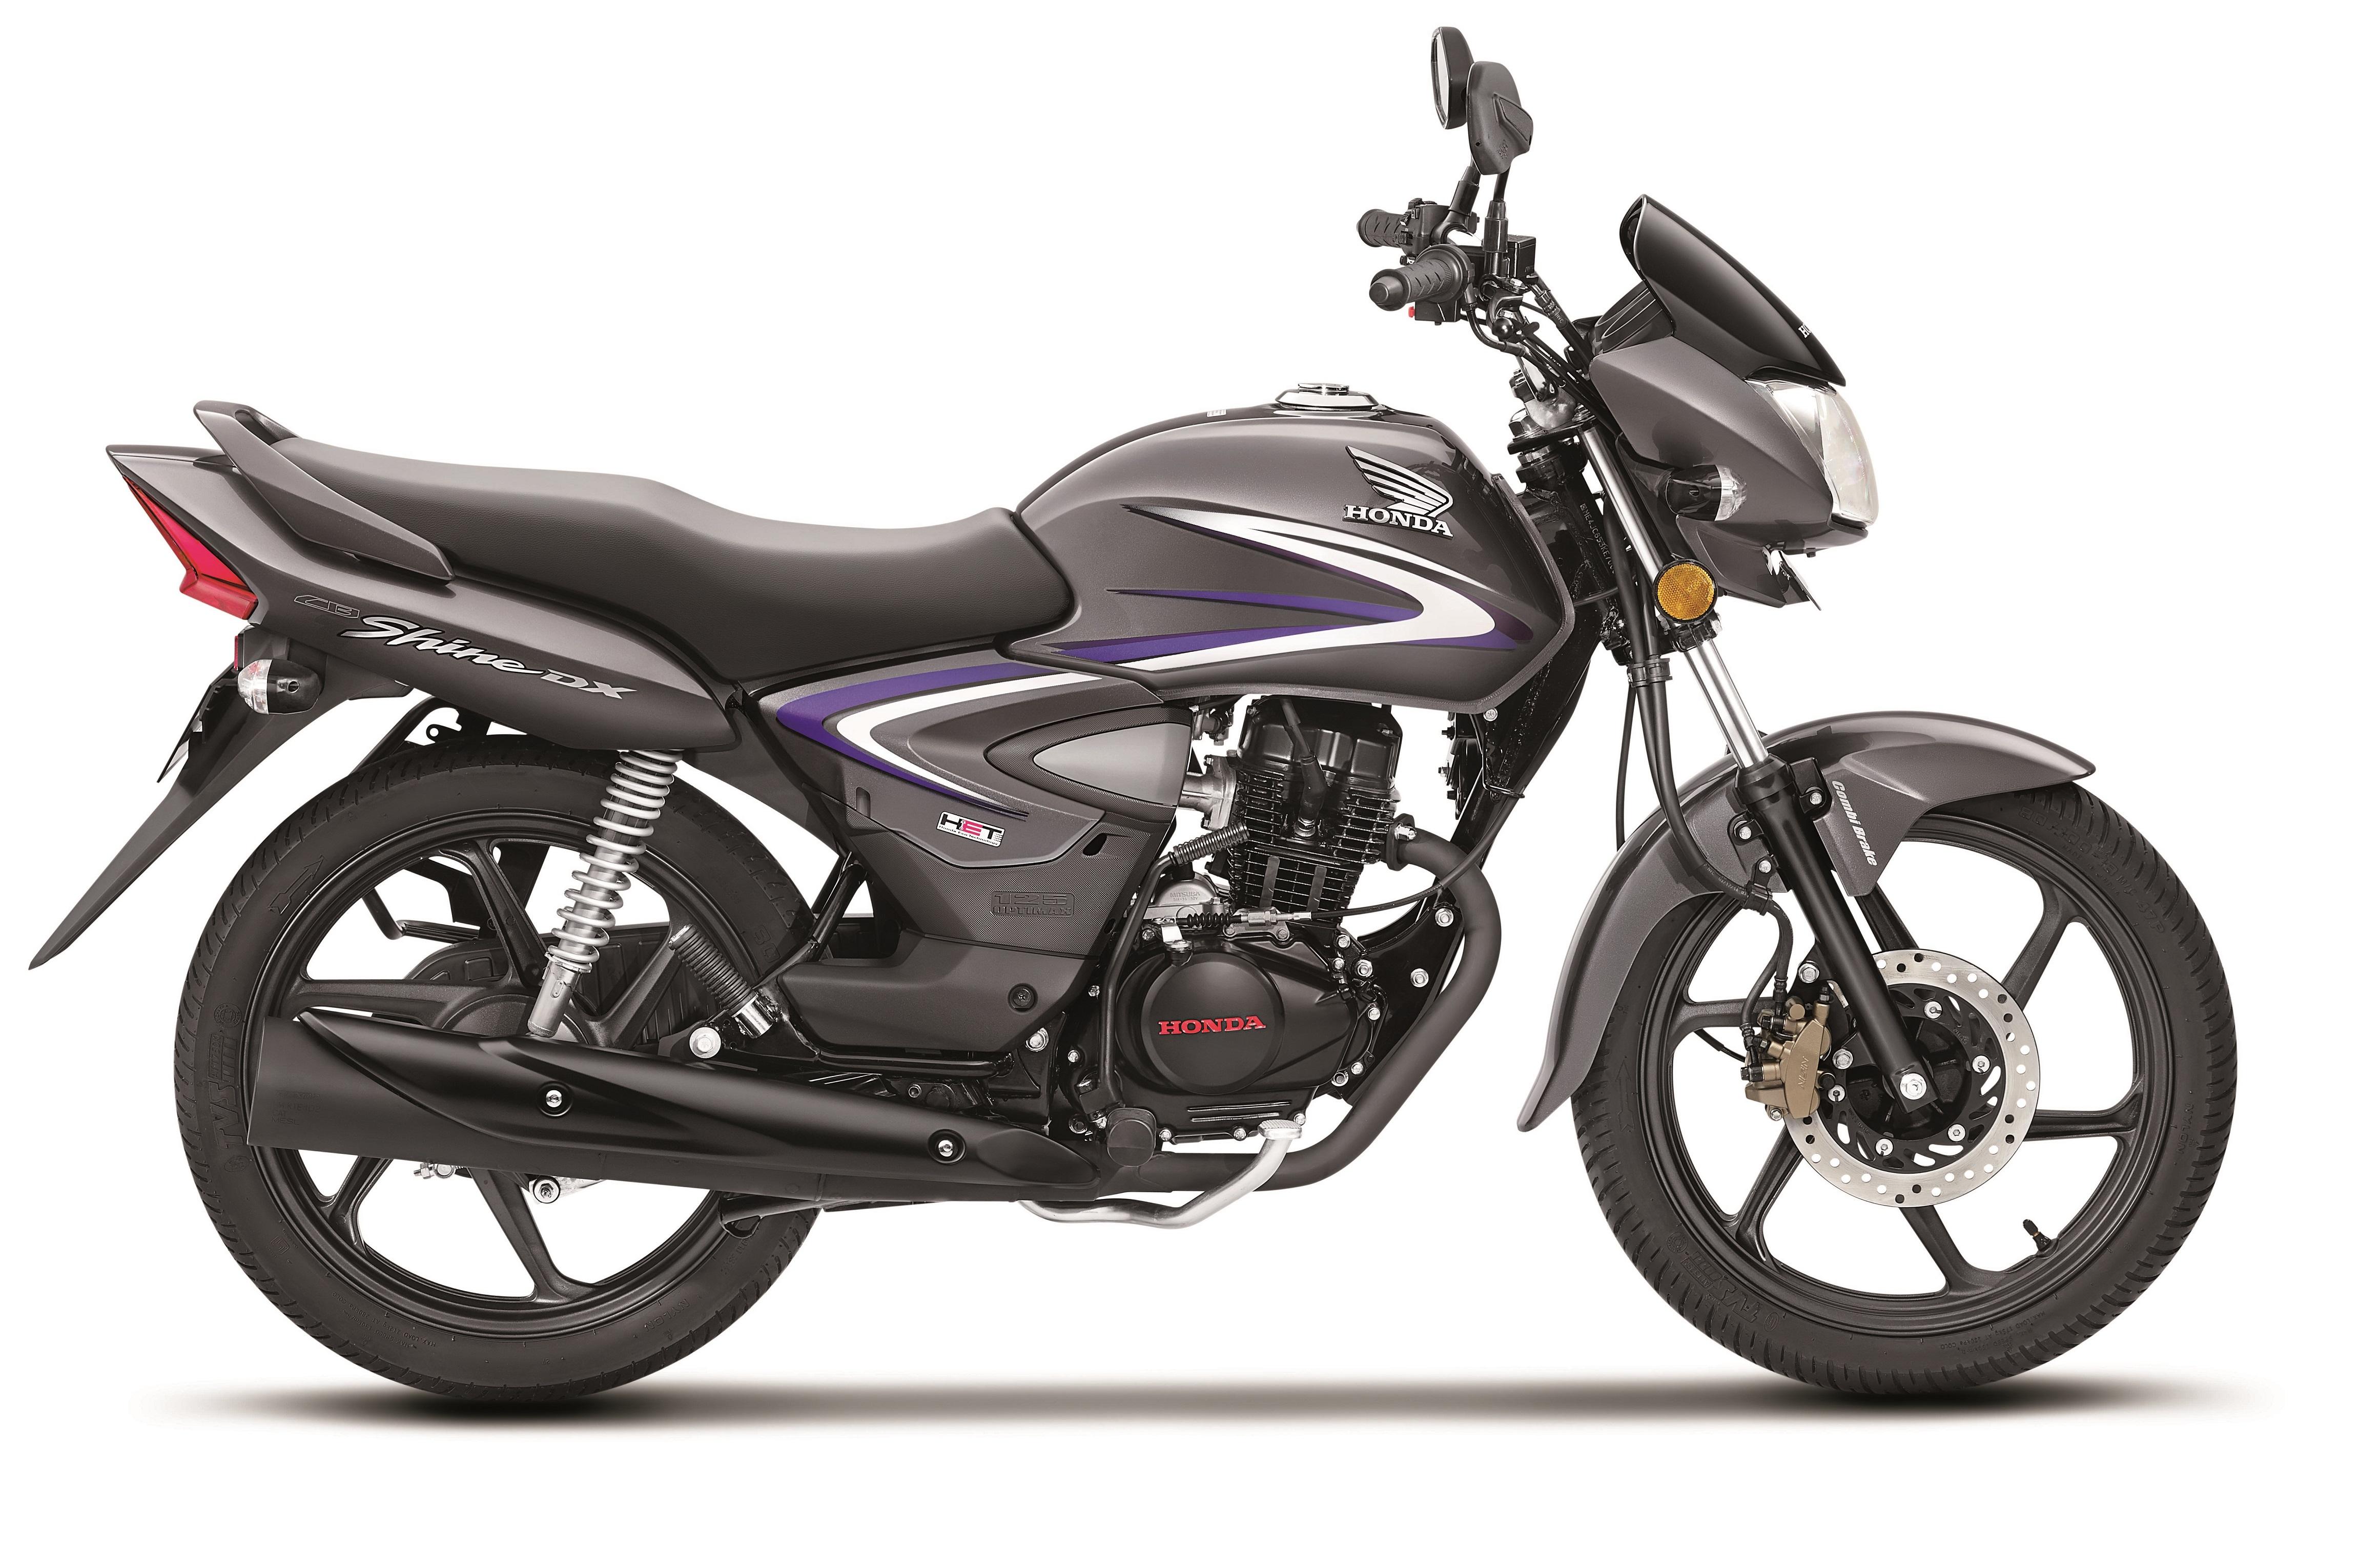 Honda CB Shine 2015 Exterior